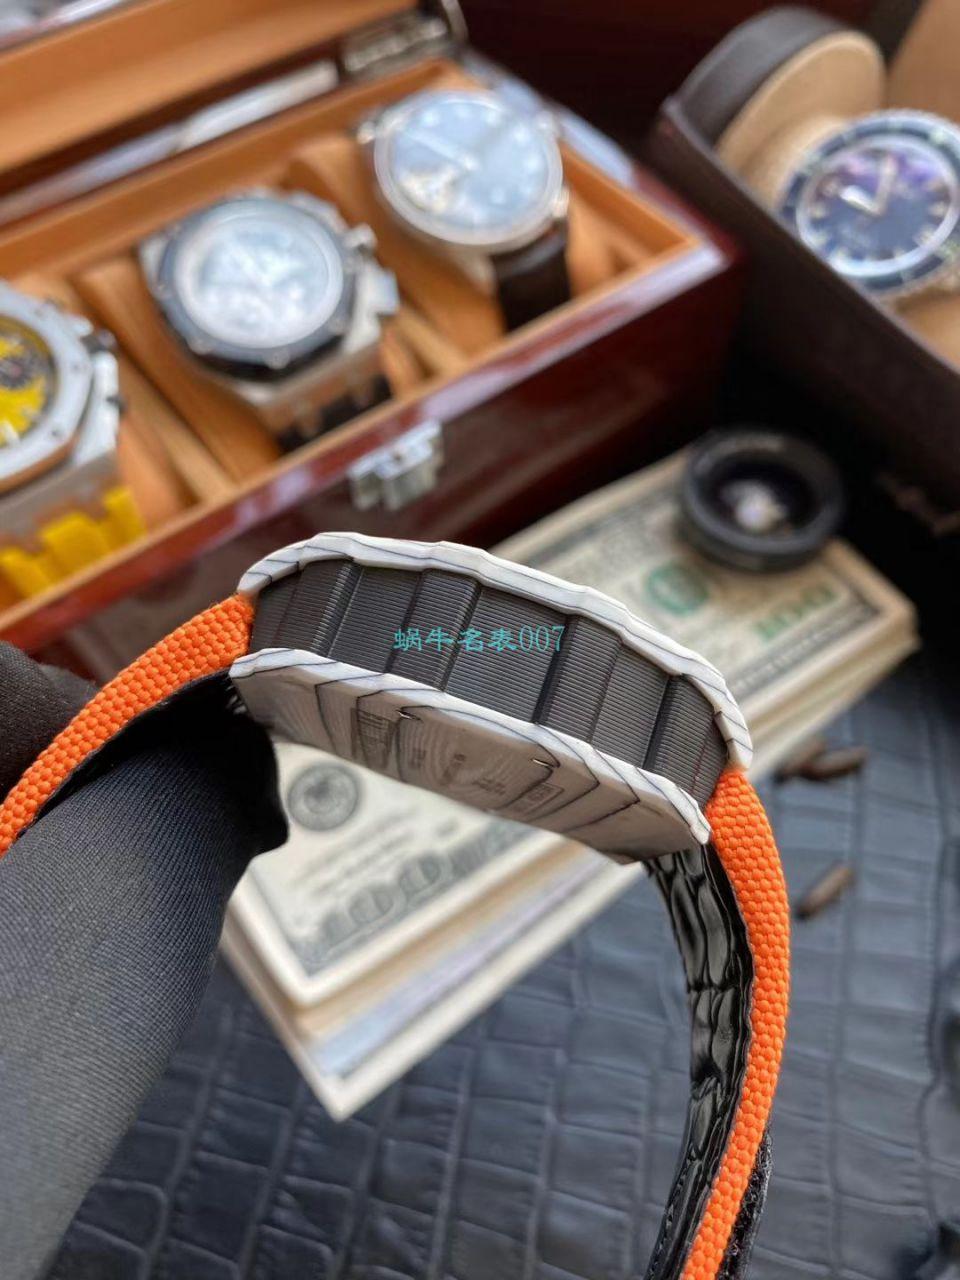 定制版客户超A高仿理查德米尔RM 12-01限量陀飞轮腕表 / RM12-01